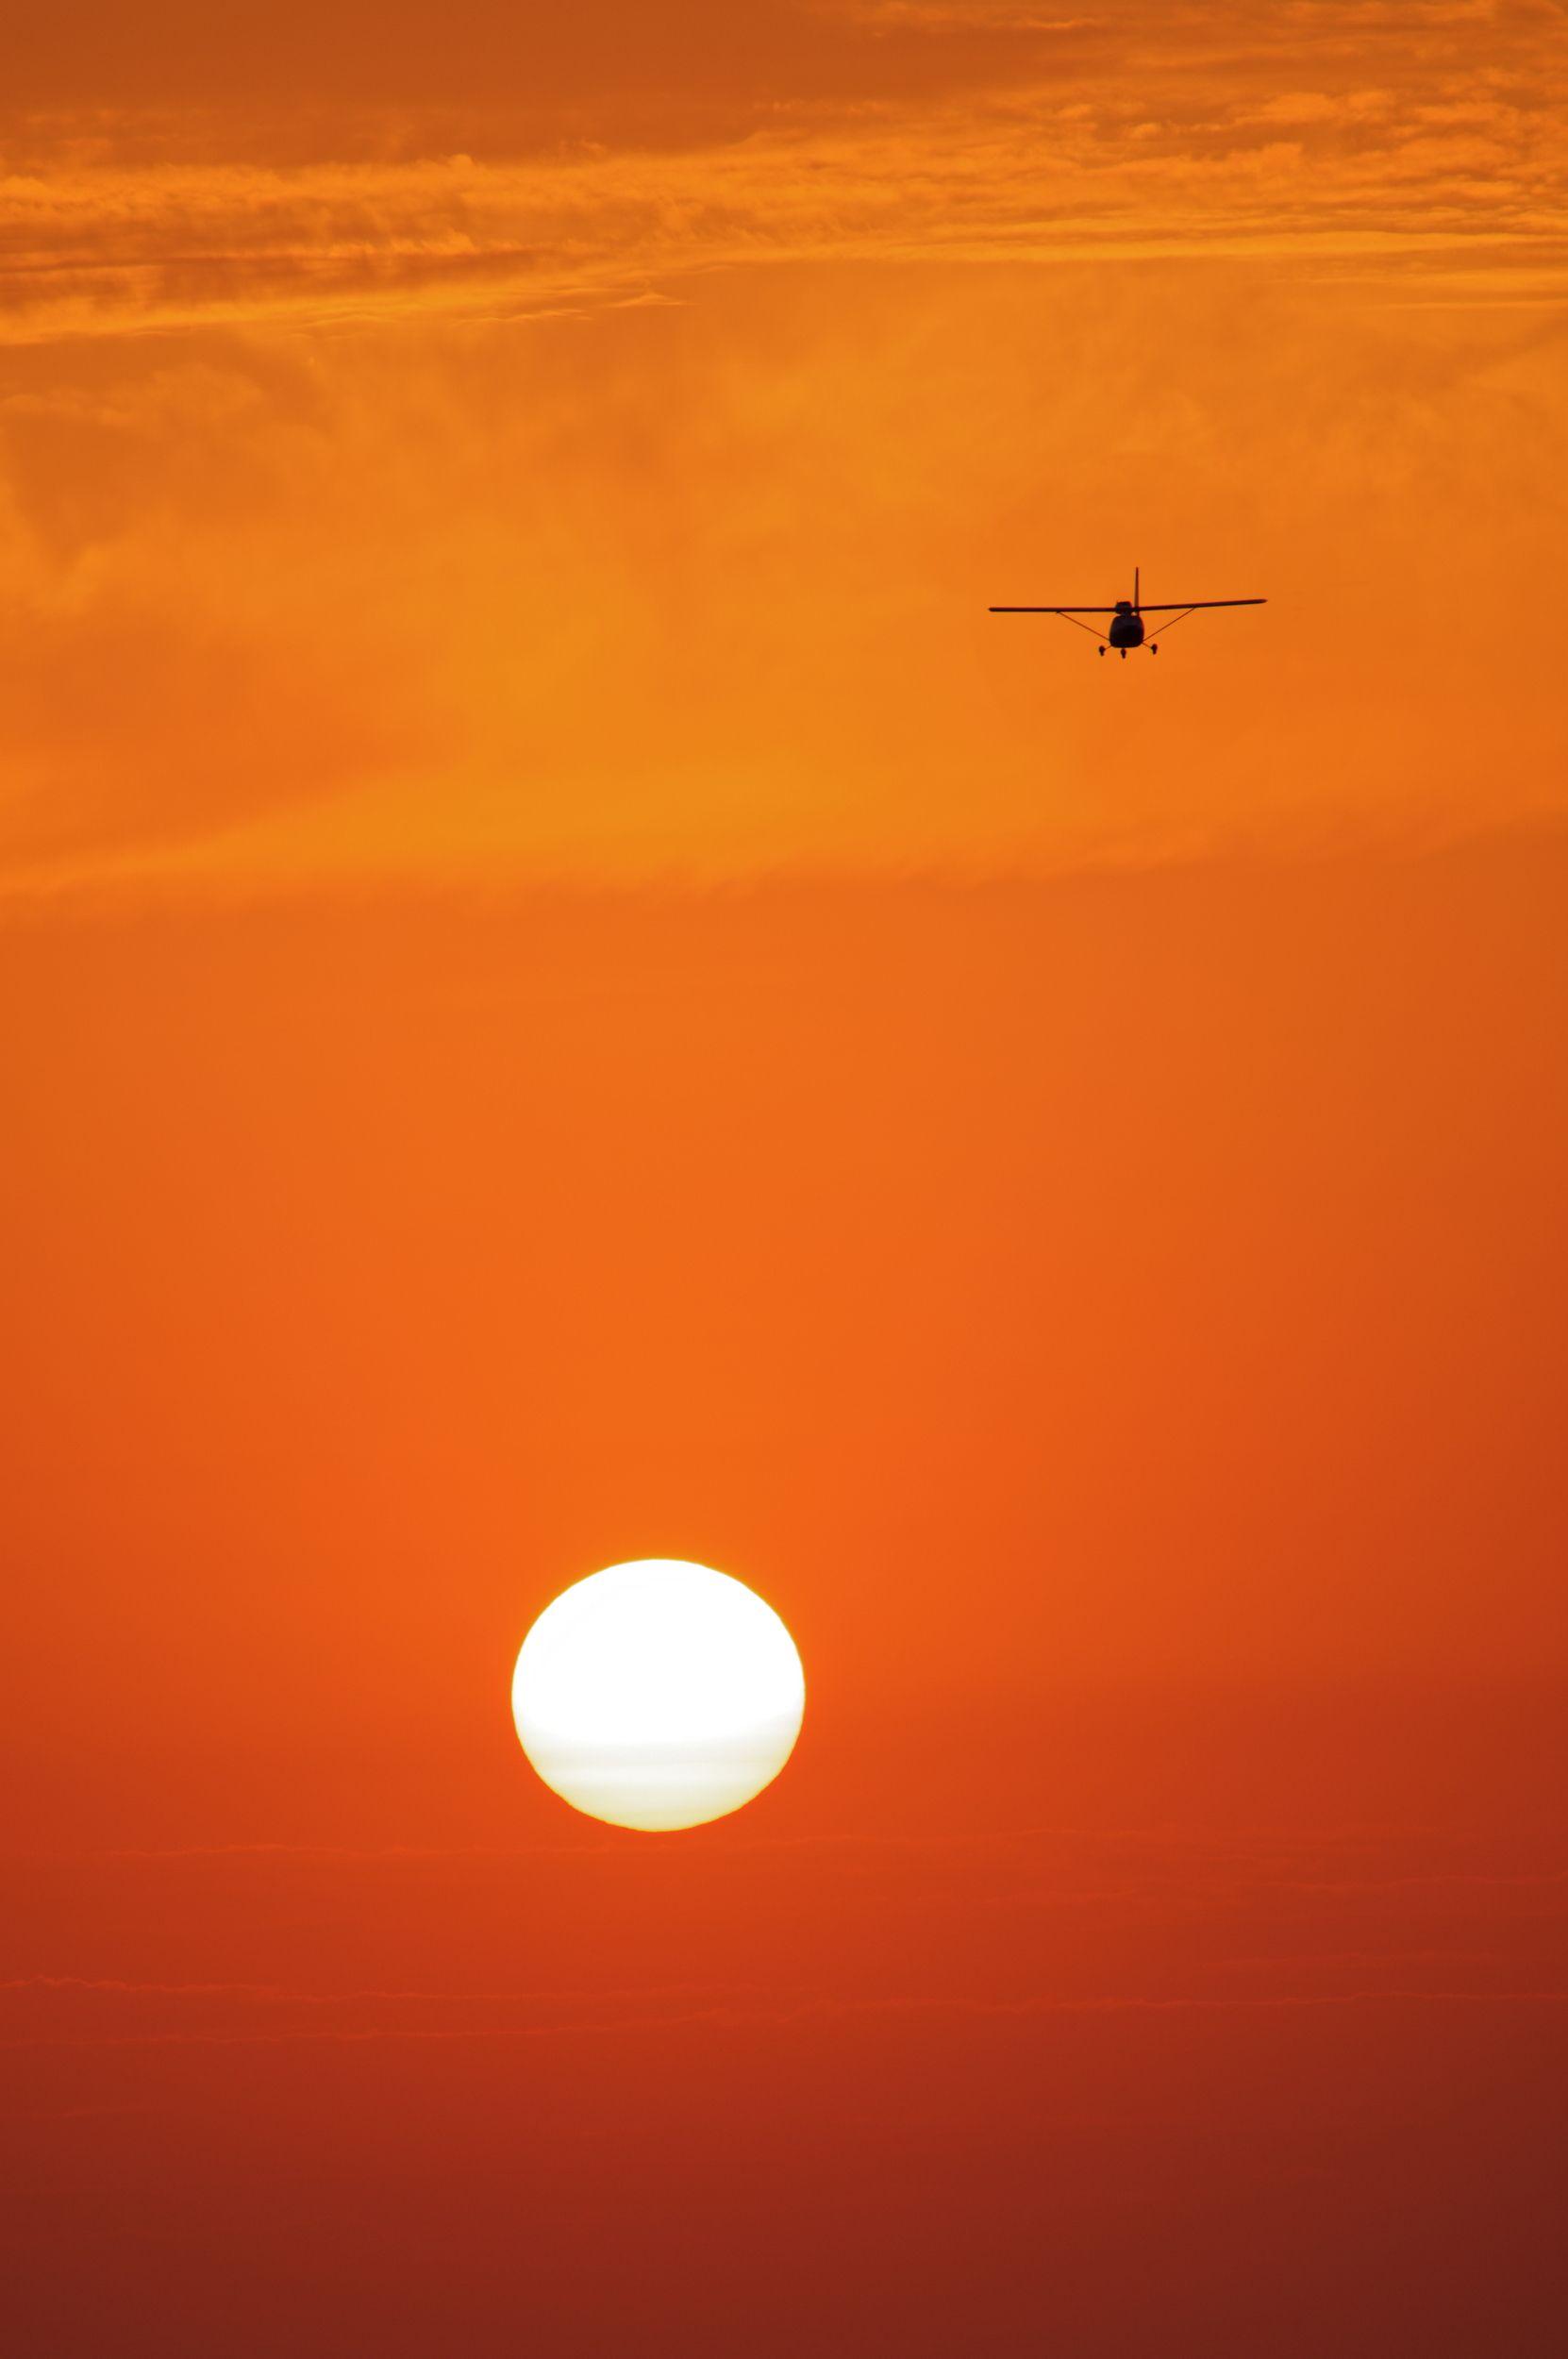 небо, плато, облака, закат, вечер , слои, дымка, туман, солнце, самолет, Алабердов Арсен